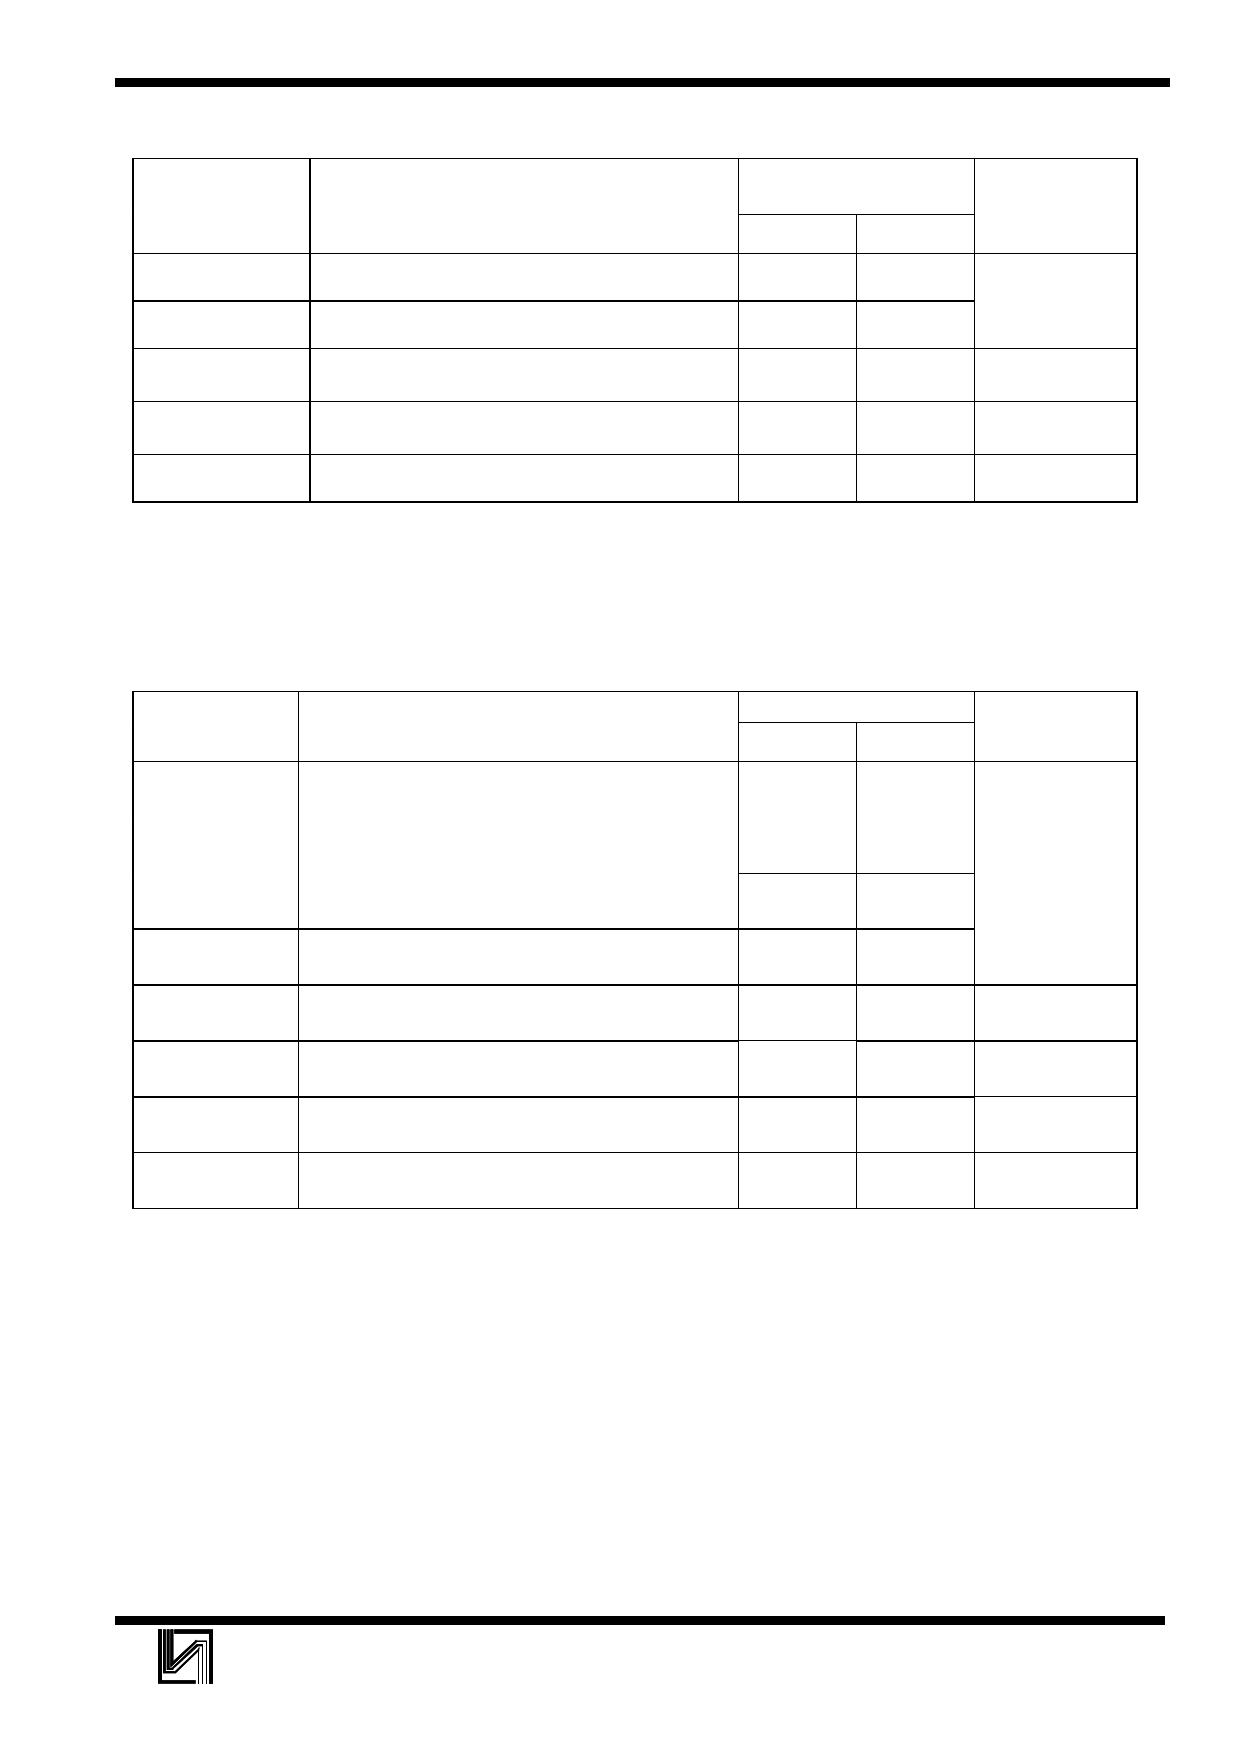 ILOP1838SS pdf, ピン配列